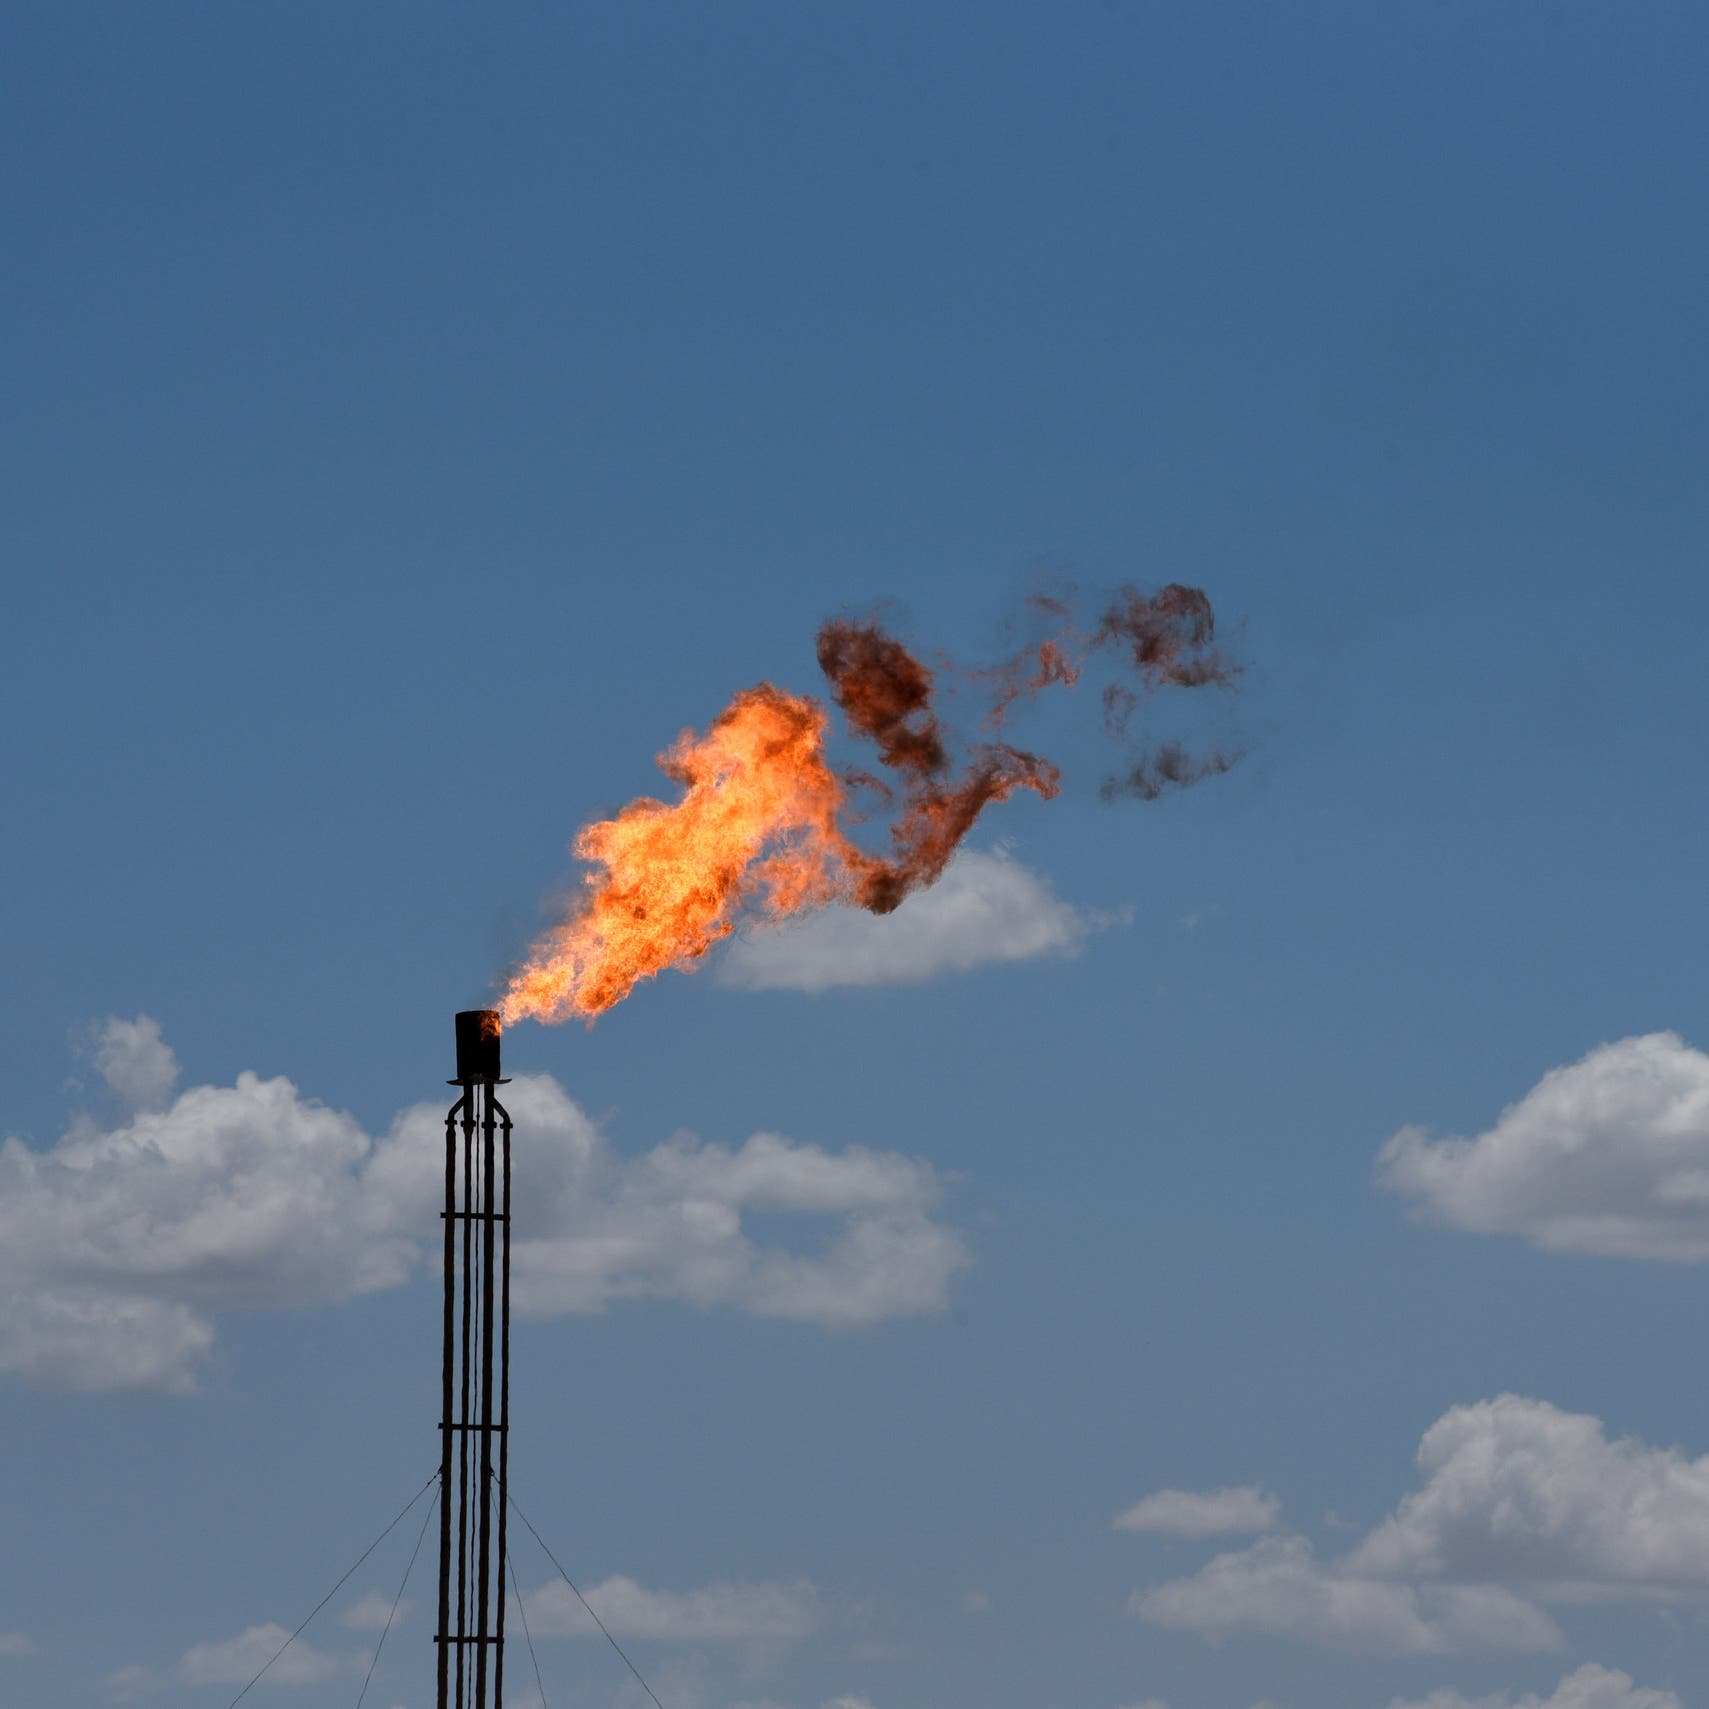 أسعار النفط تقفز بأسهم شركات الطاقة عالمياً